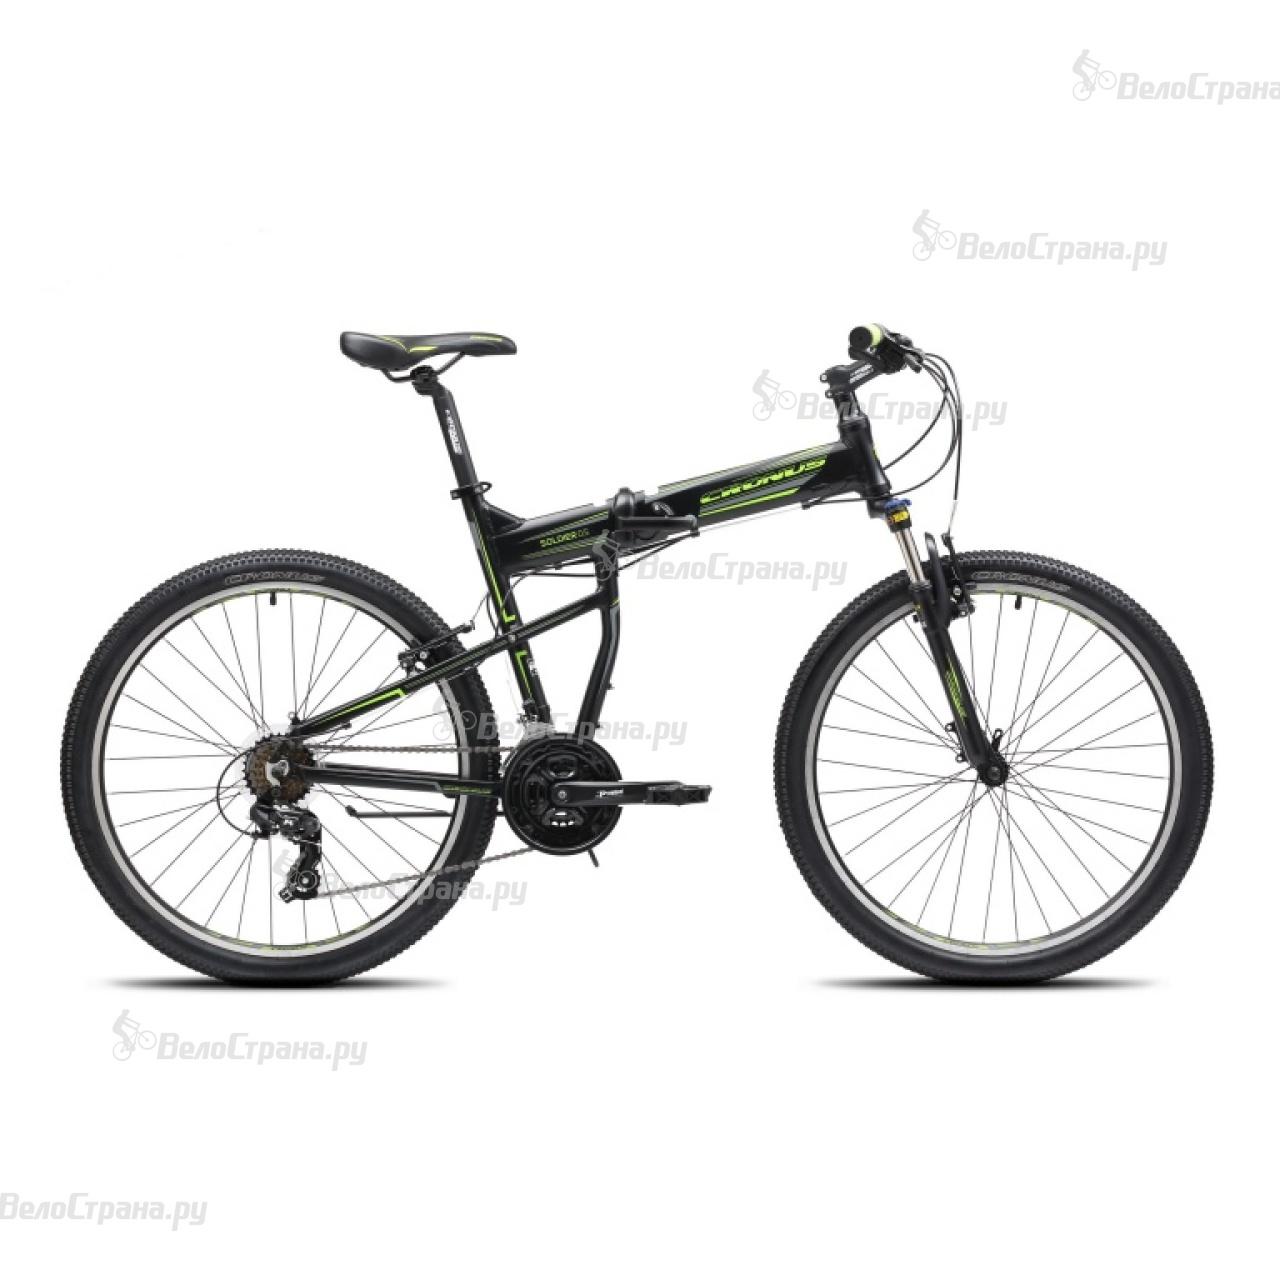 Велосипед Cronus Soldier 0.5 (2017) велосипед cronus soldier 1 5 2014